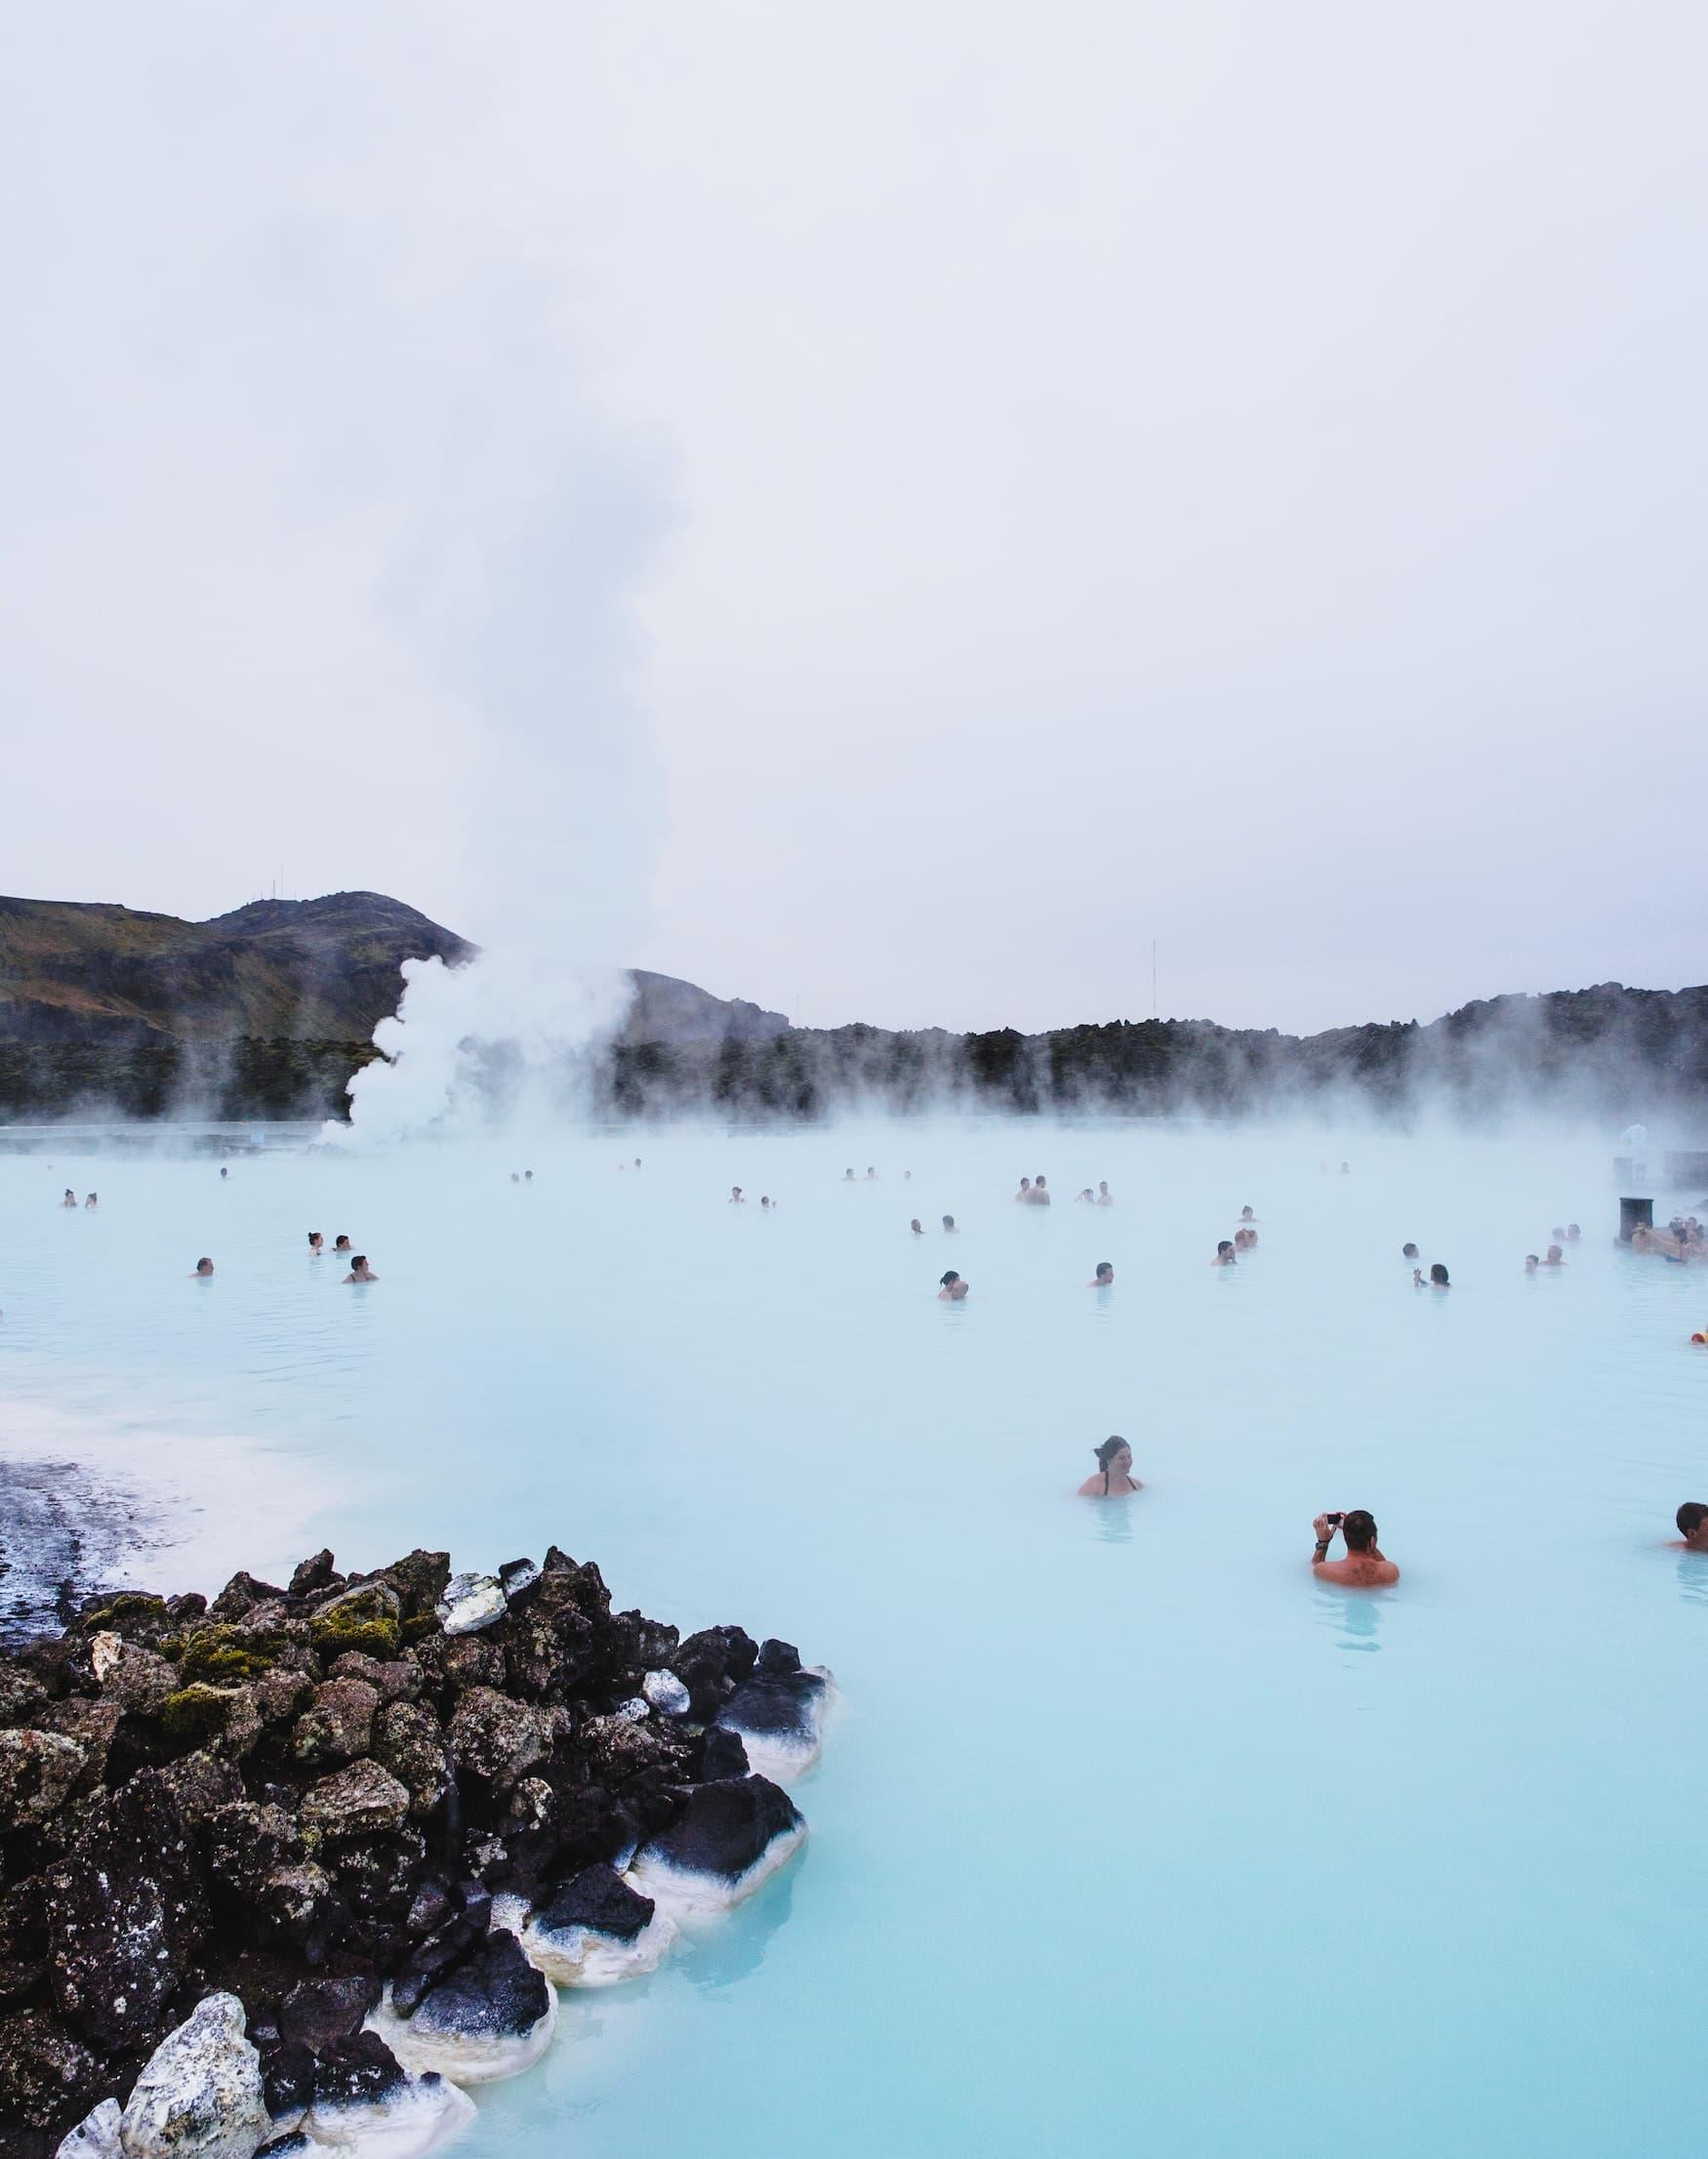 Menschen schwimmen in Blauer Lagune auf der Halbinsel Reykjanes in Island